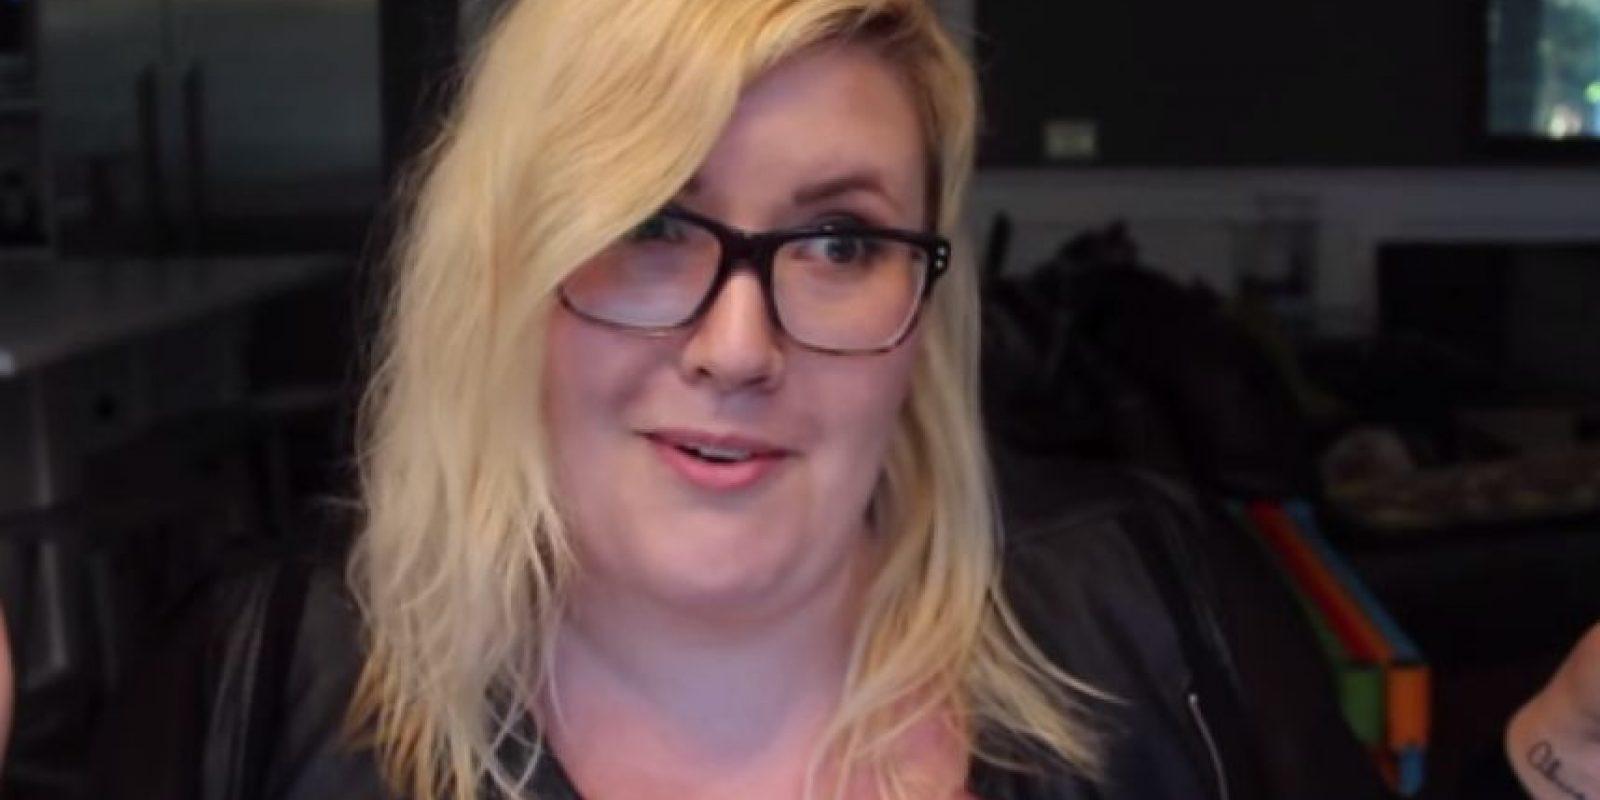 Megan Thonjes se hizo famosa al ser su trasero censurado en Instagram. Foto:vía Youtube/Megan Thonjes